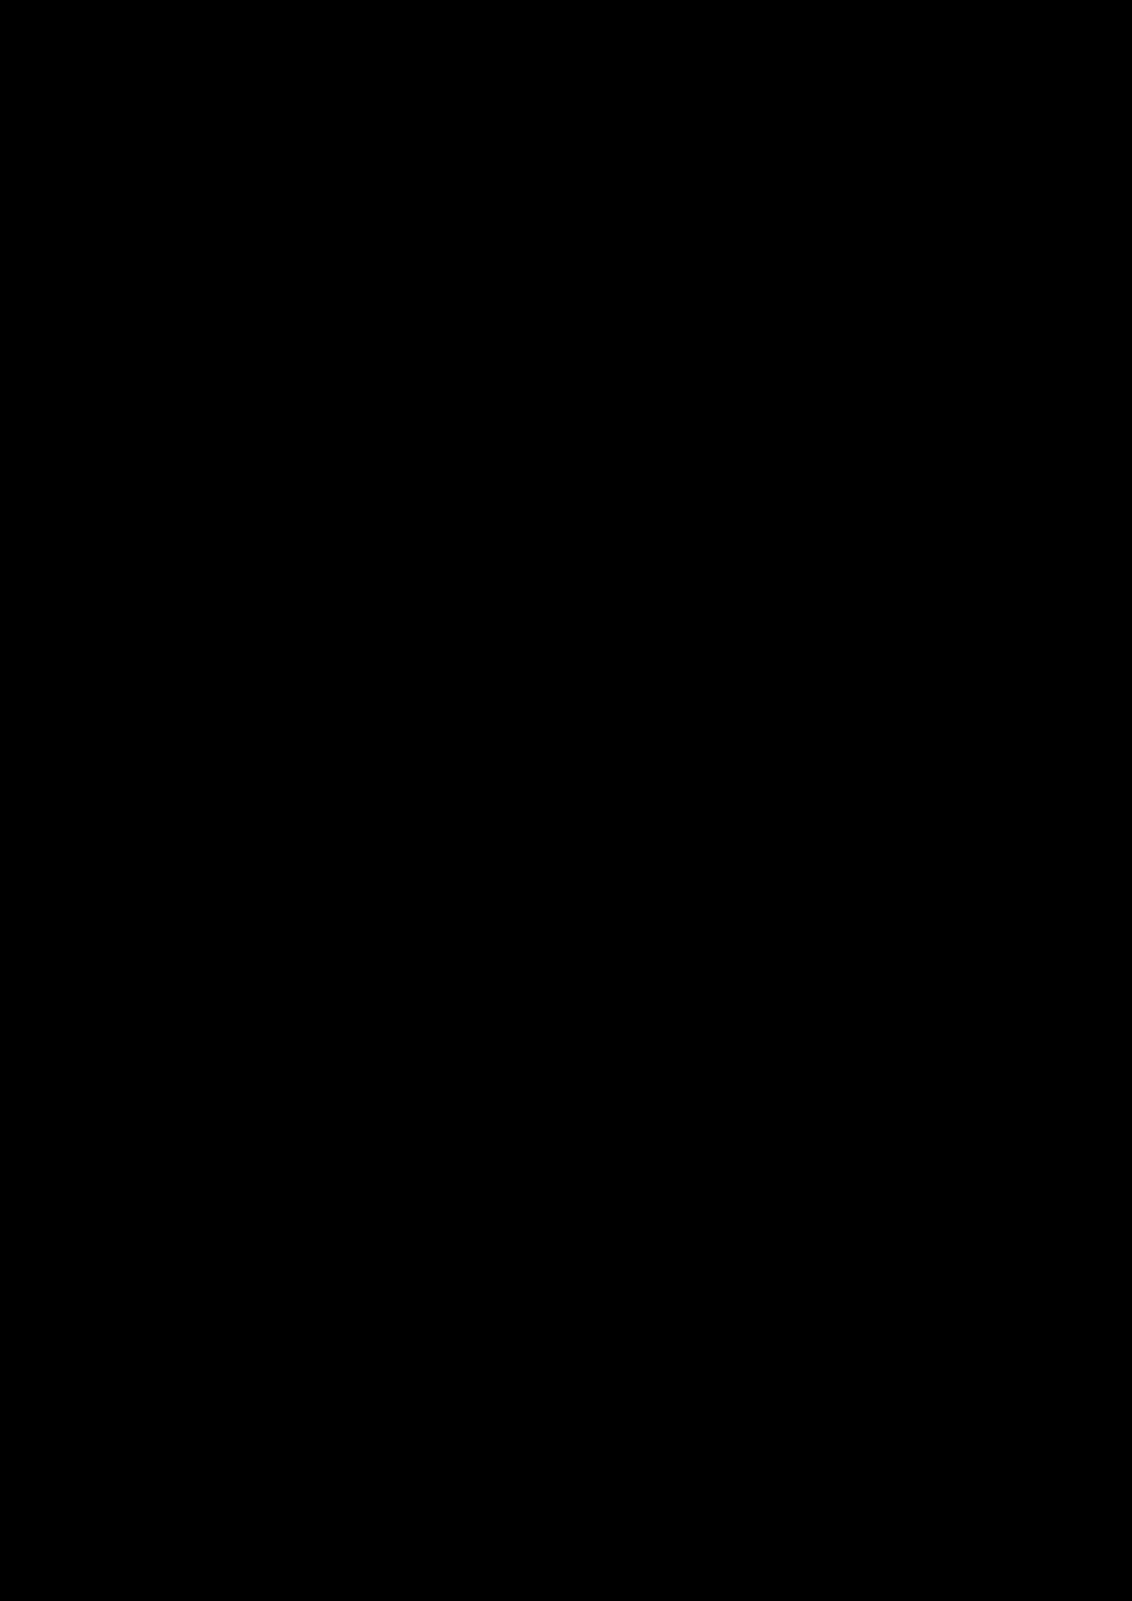 Proschanie s volshebnoy stranoy slide, Image 18